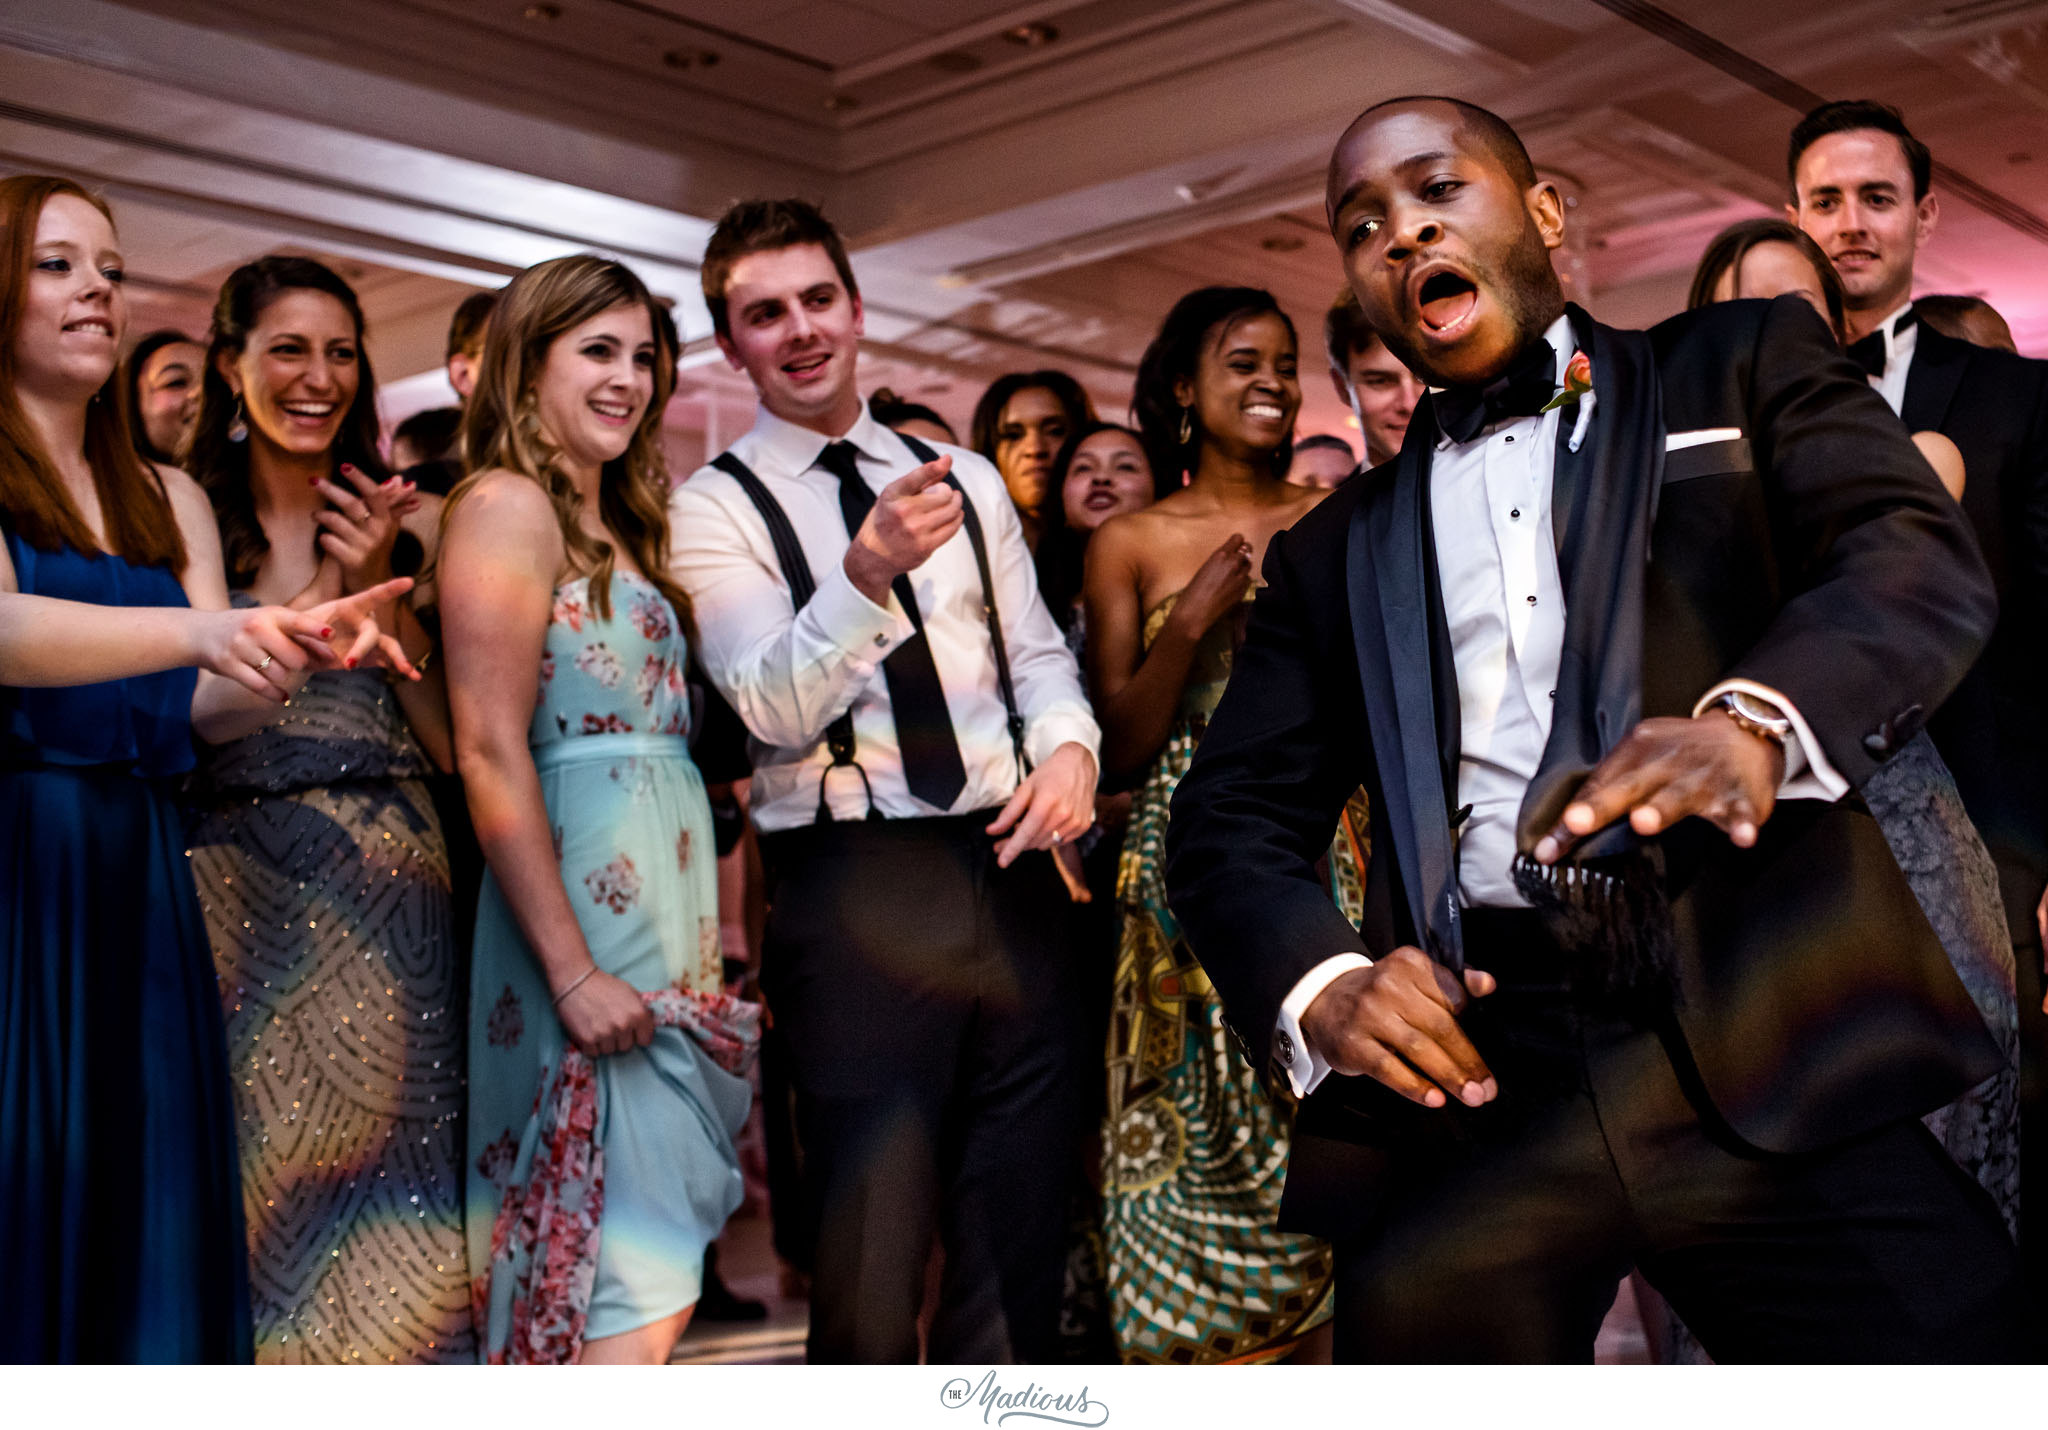 Fairmont Hotel DC Wedding 46.JPG